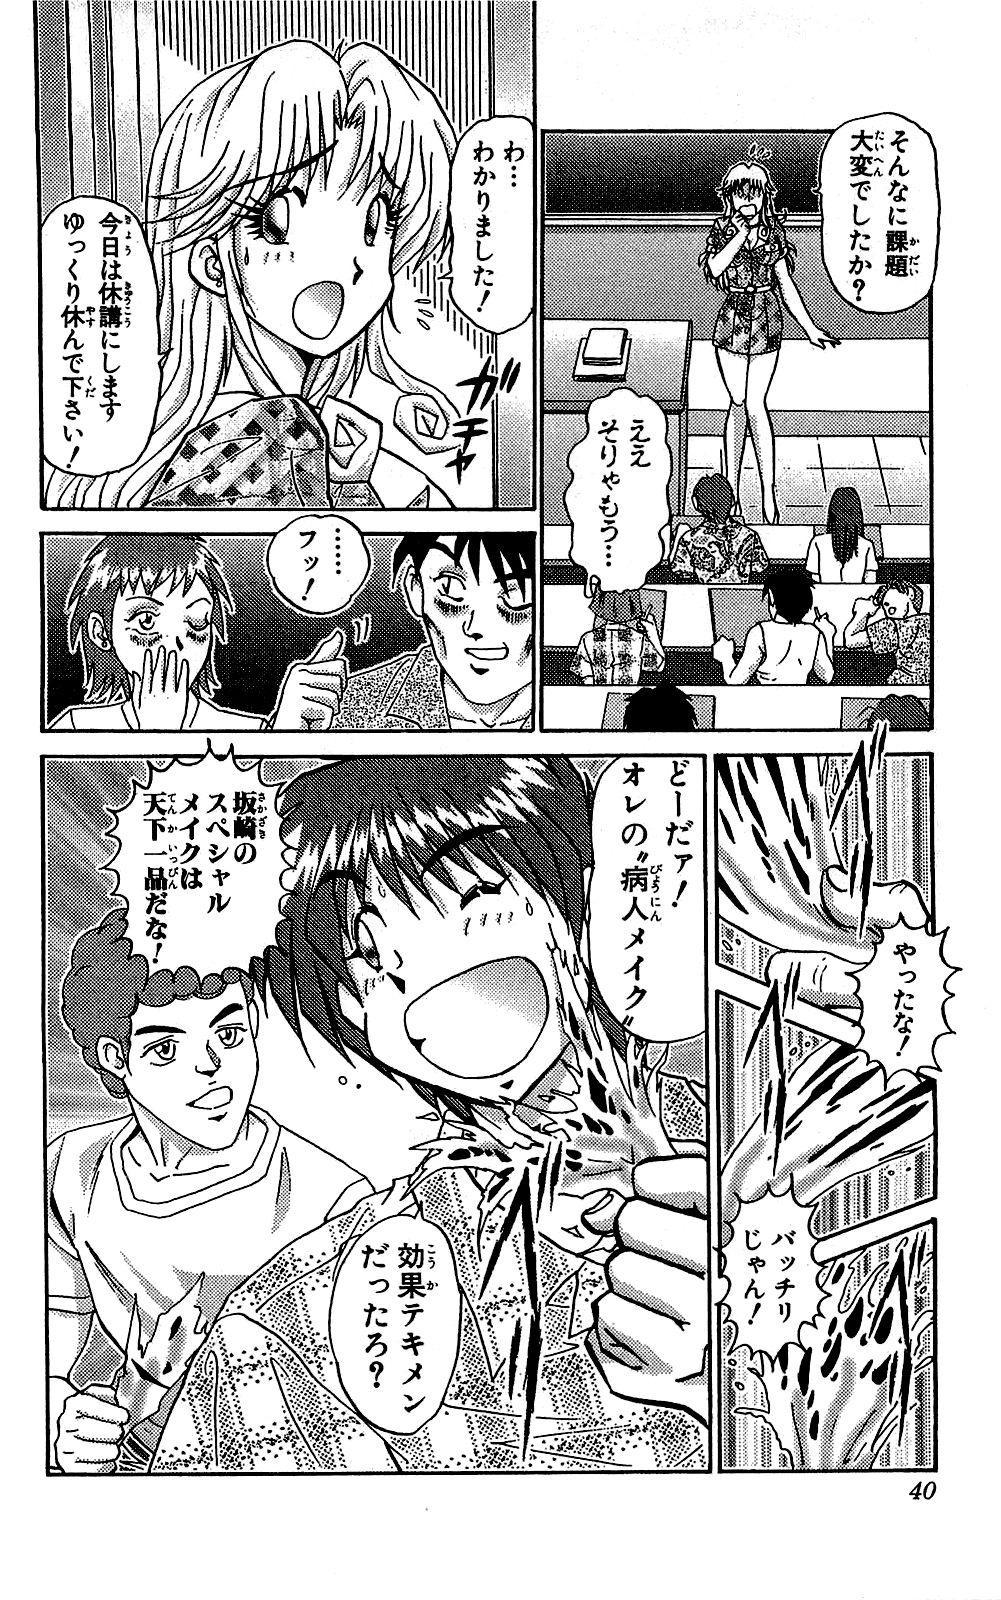 Miracle Make Yuuji 40